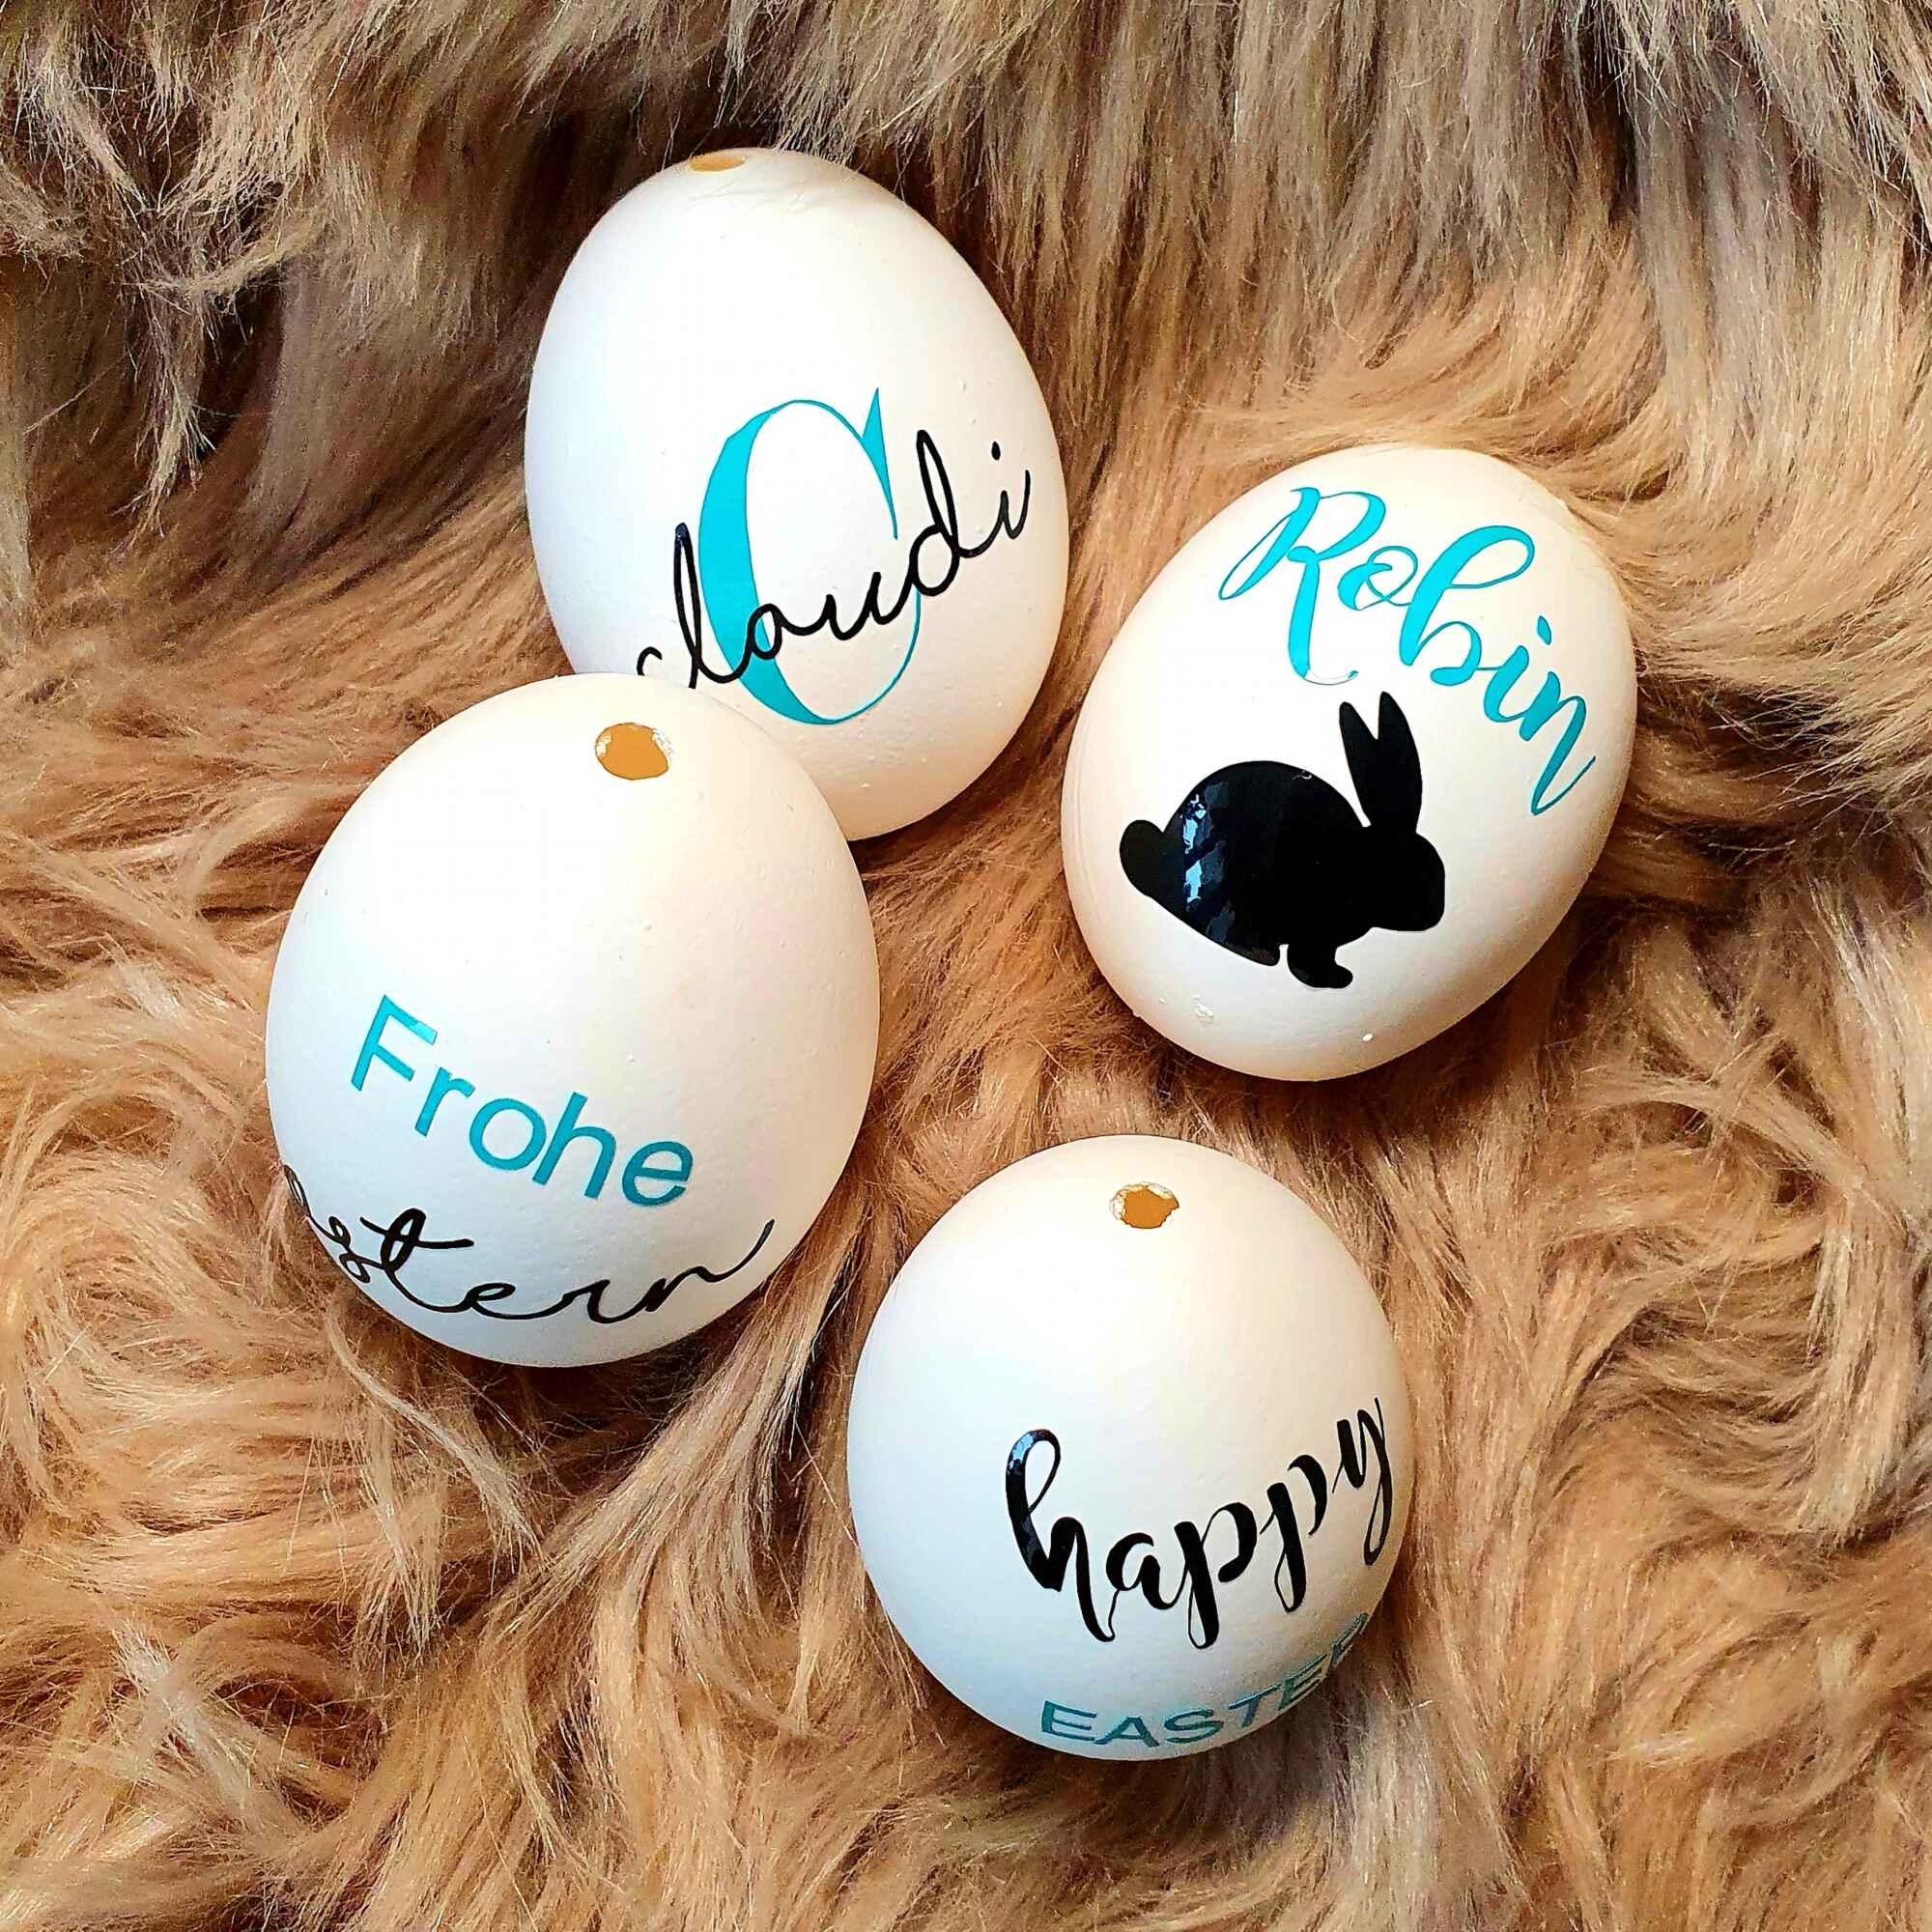 Echtes Hühnerei - Personalisierte Ostereier mit Namen verschenken